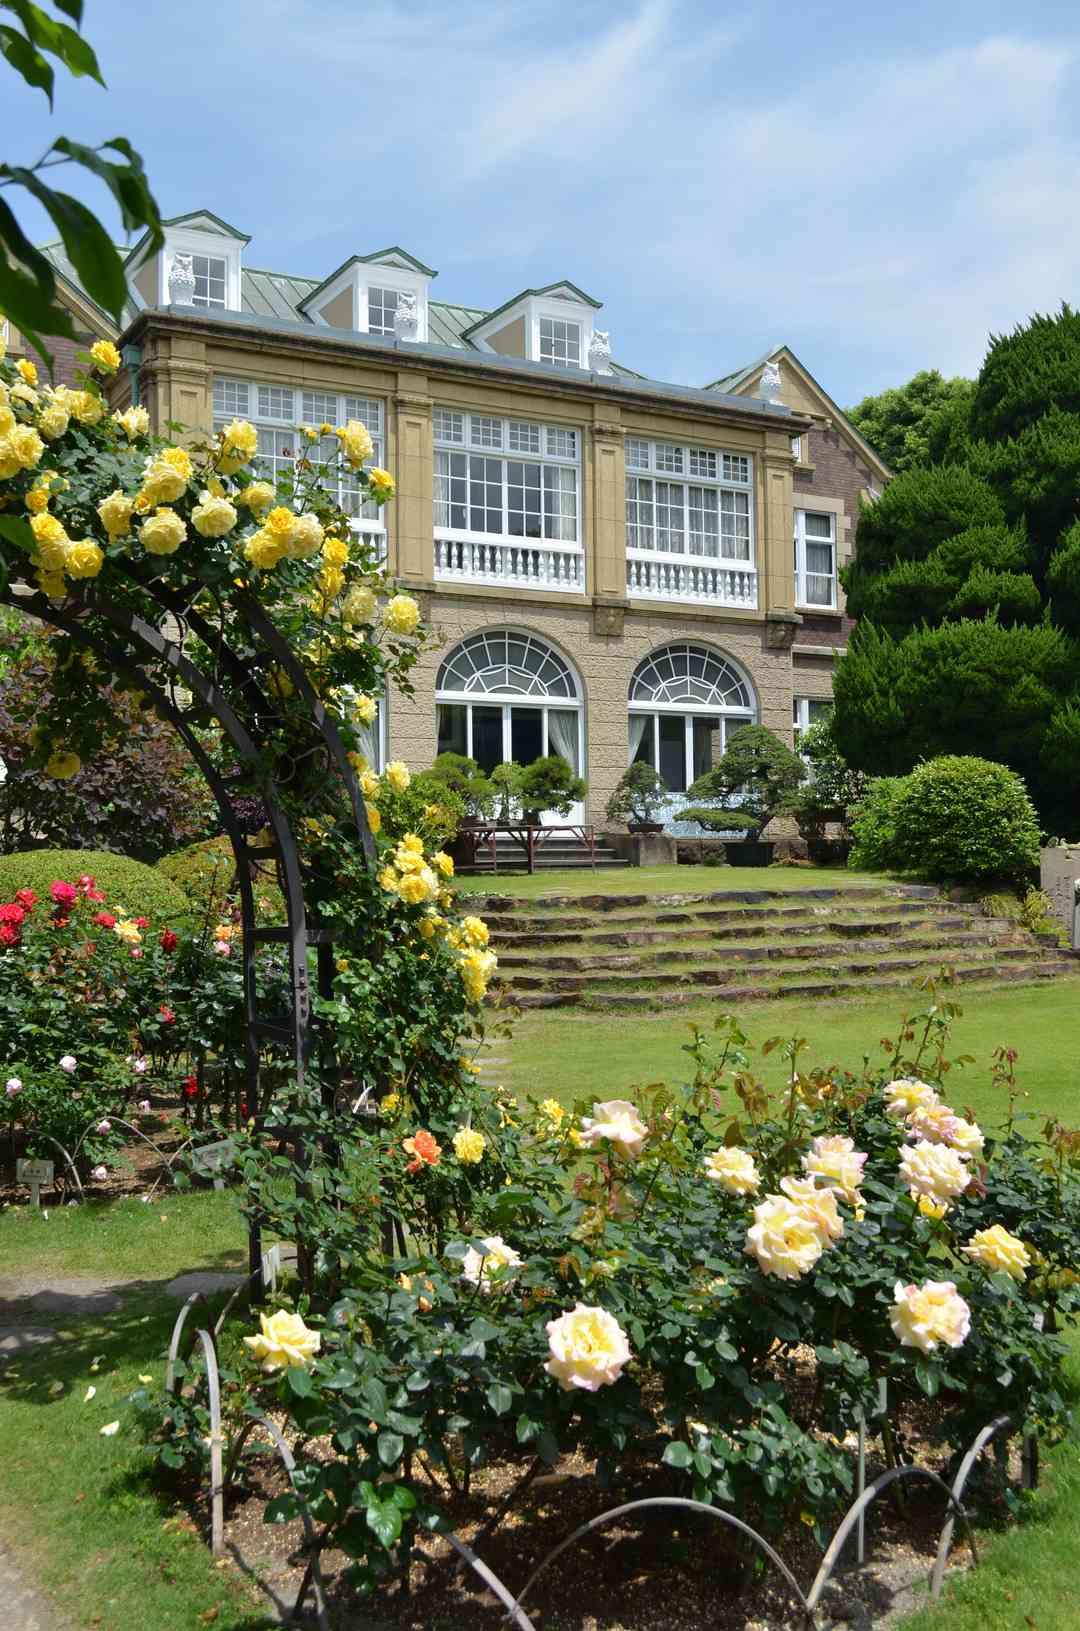 バラが咲き誇る庭園